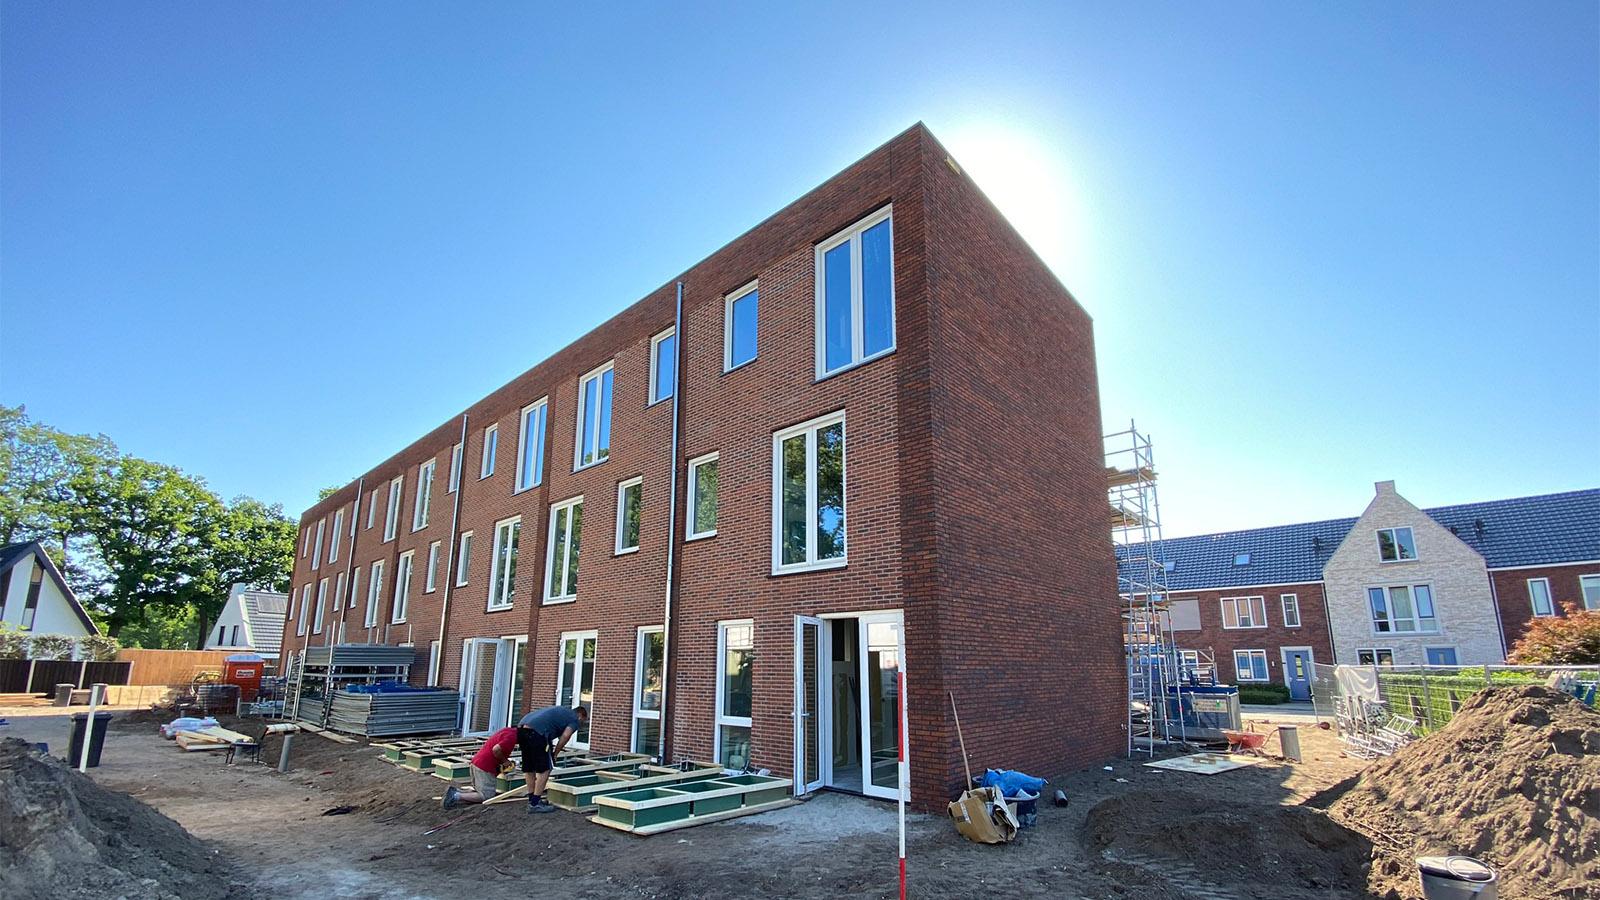 RIWIS Apeldoorn 200625.jpg